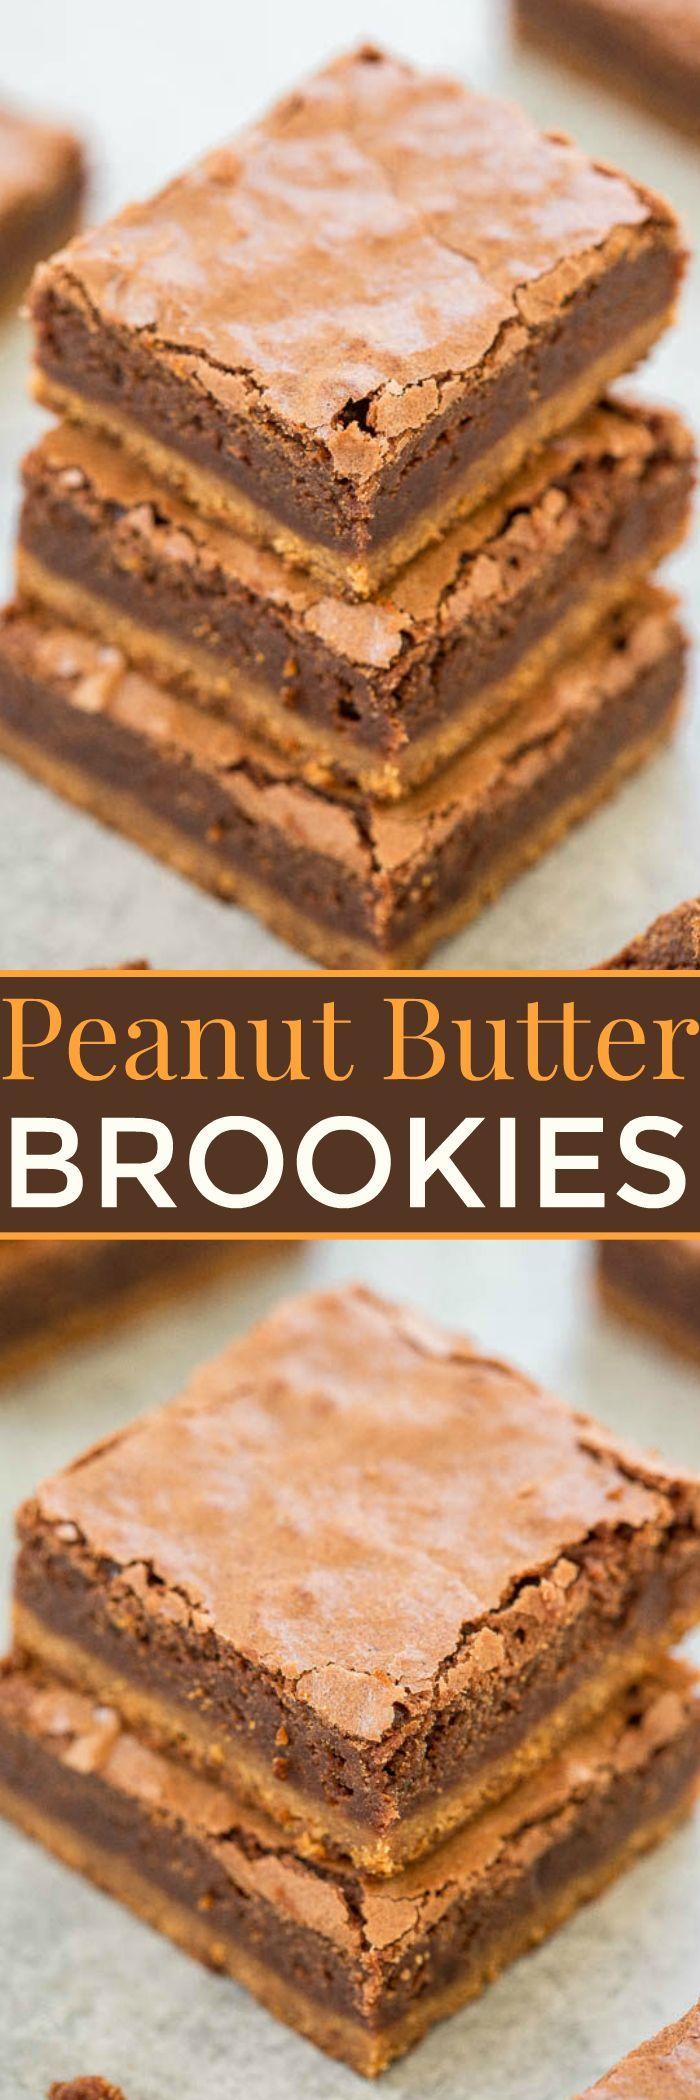 Mantequilla de cacahuete brookies - A cacahuete base de galleta de mantequilla suave y duro con BROWNIE fudgy en la parte superior !!  Para los amantes del chocolate de mantequilla de maní +, esta receta fácil sin mezclador es lo mejor de ambos mundos !!